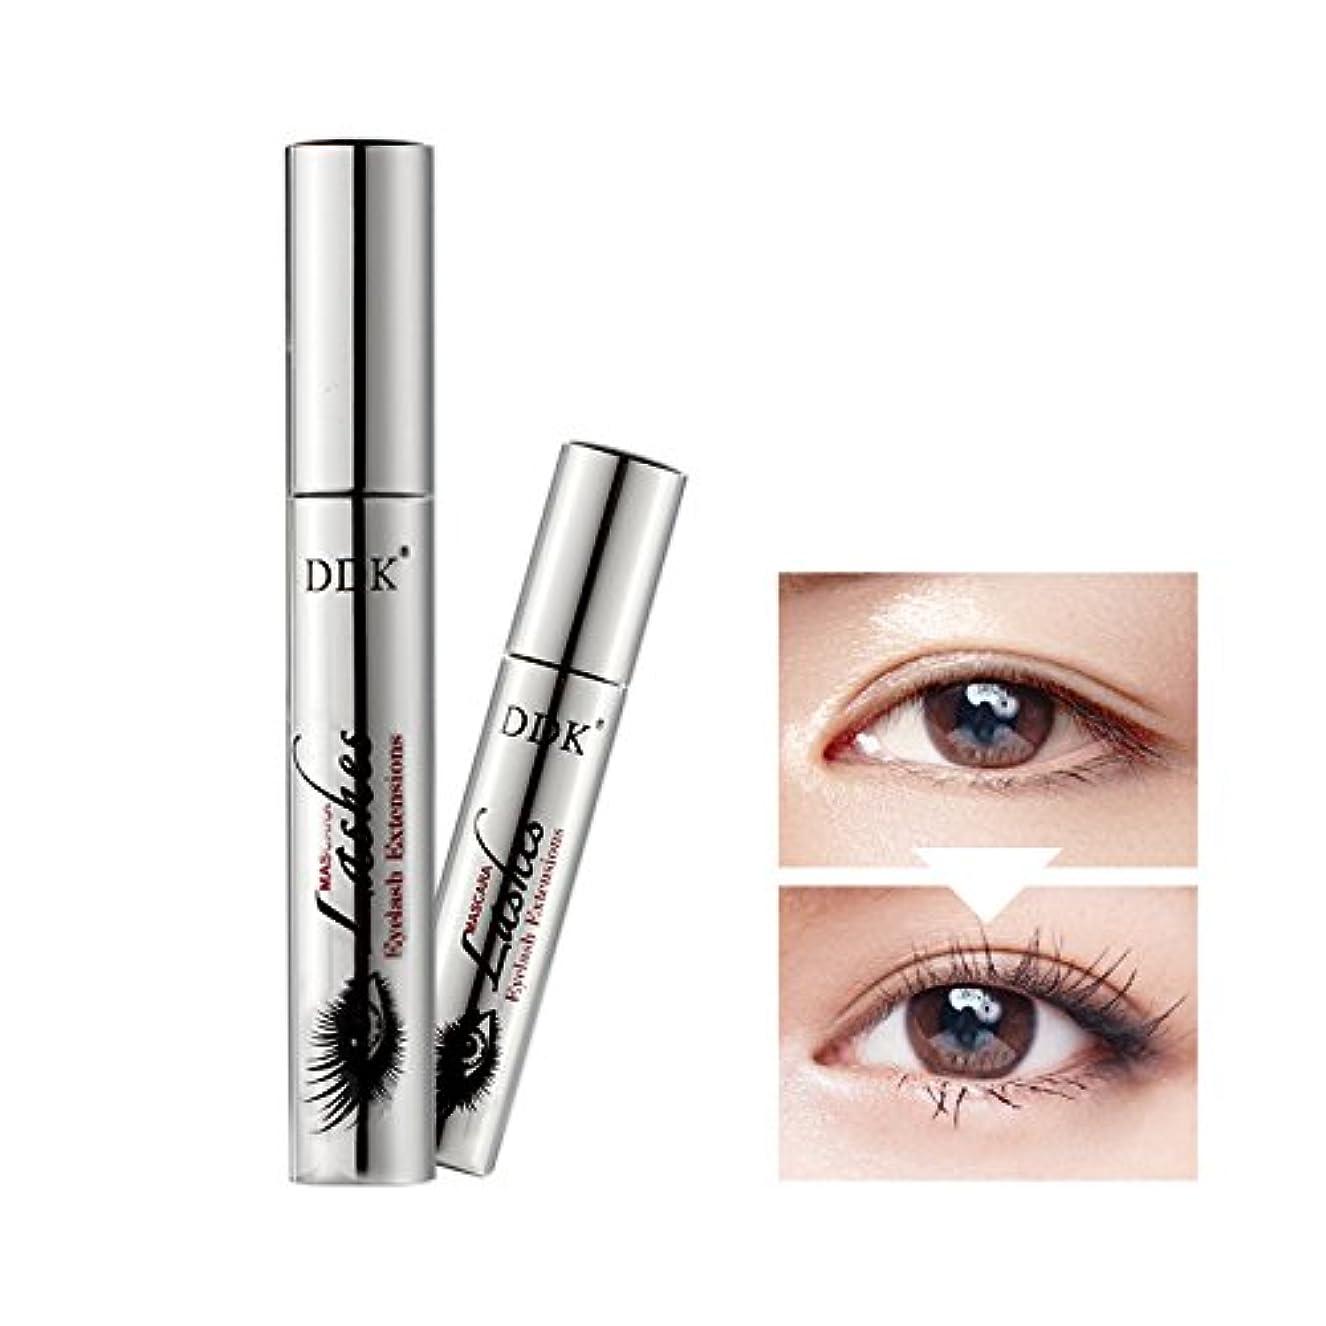 協会不健全接ぎ木Beautygram DDK 4D MASCARA 4D マスカラ Long Extension Amazing Eyelash ロング エクステンション アメージング まつ毛 [並行輸入品]